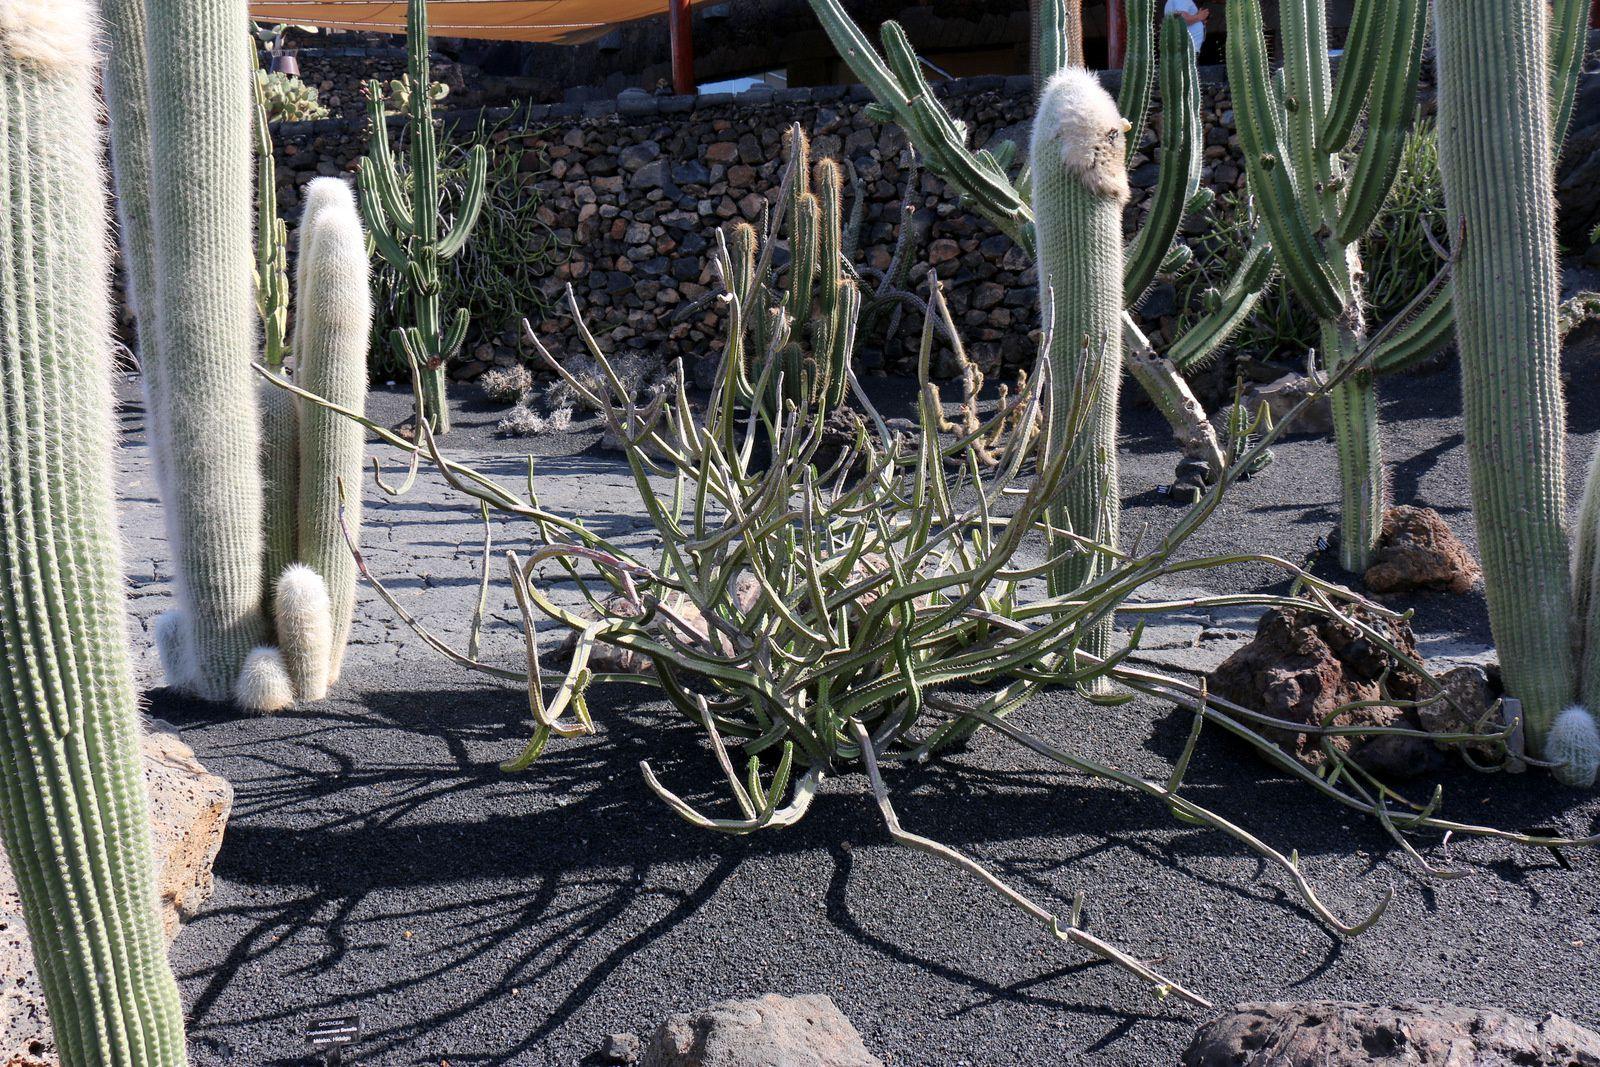 Le jardin de cactus, Lanzarote (Canaries)